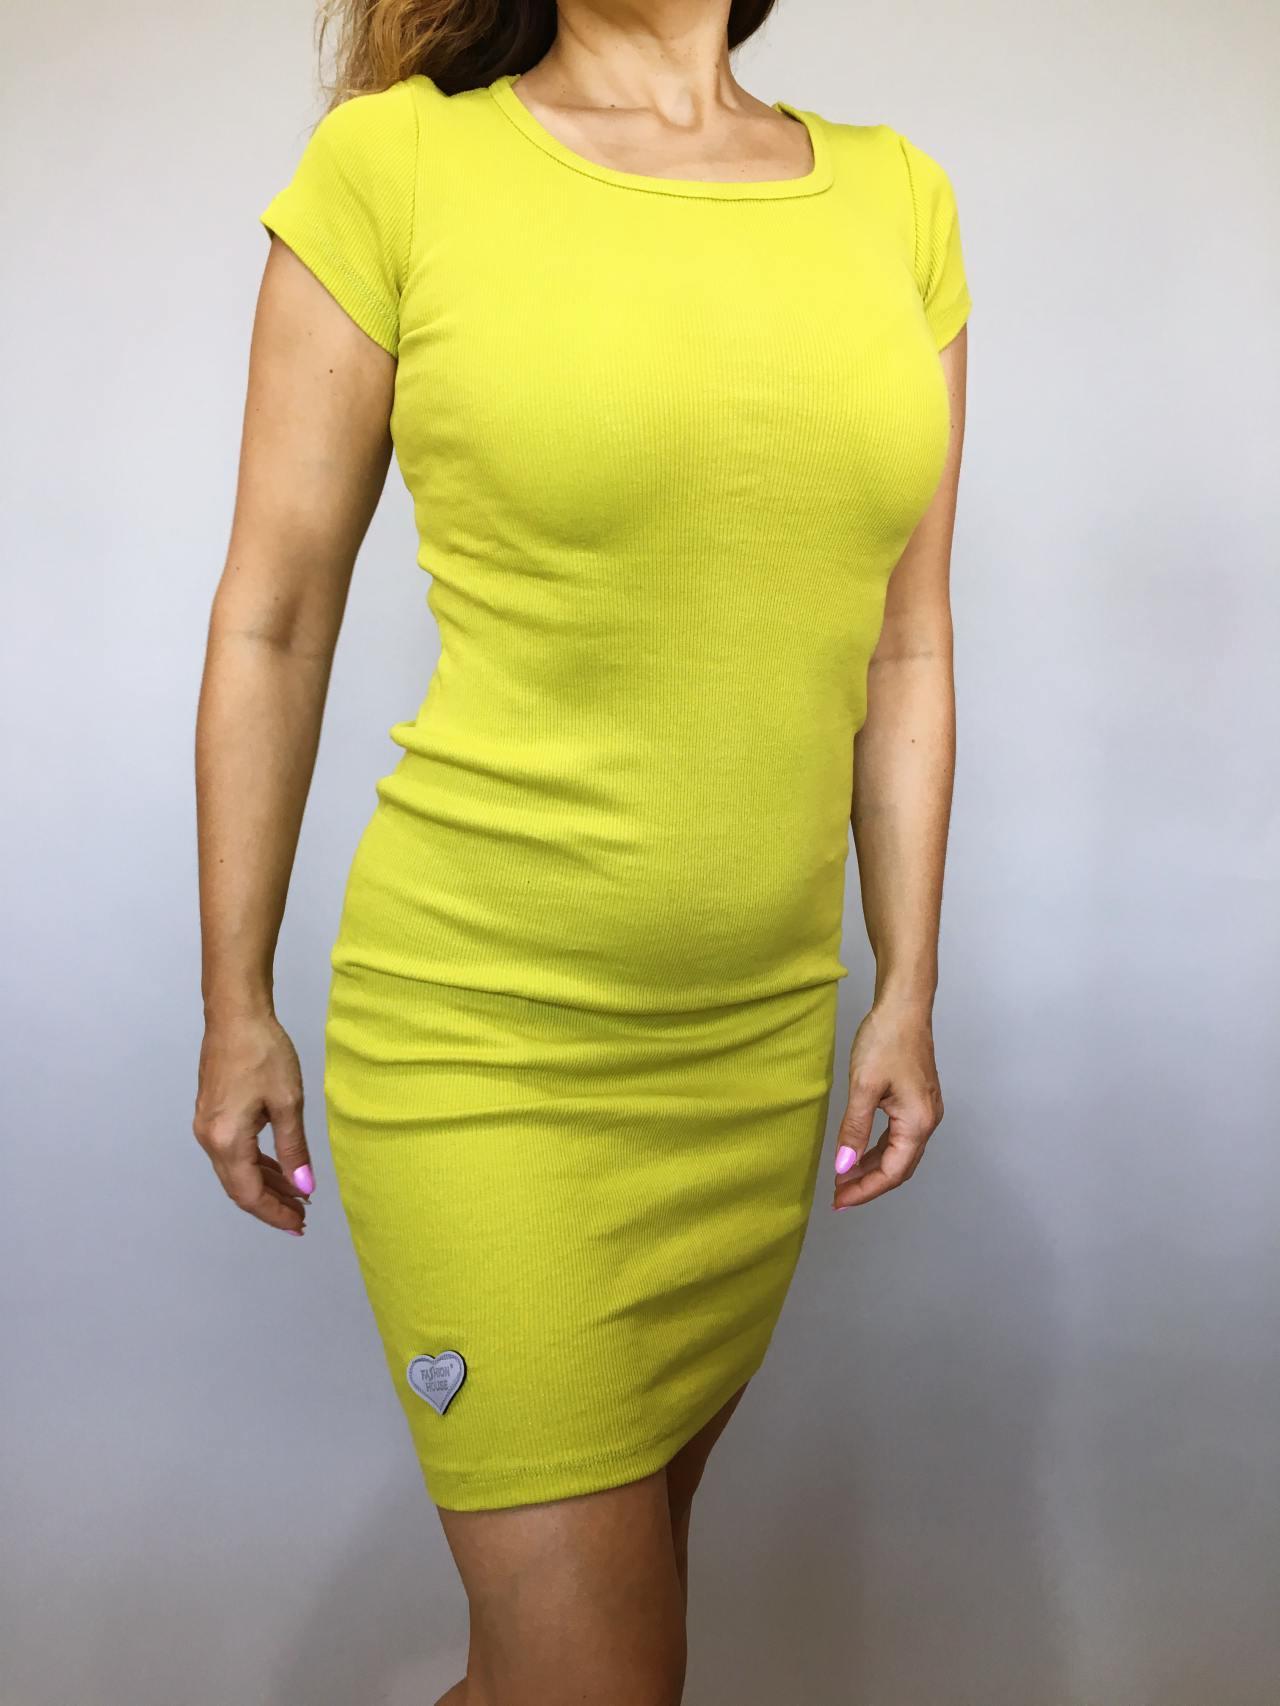 Šaty Jennifer žluté kari 02